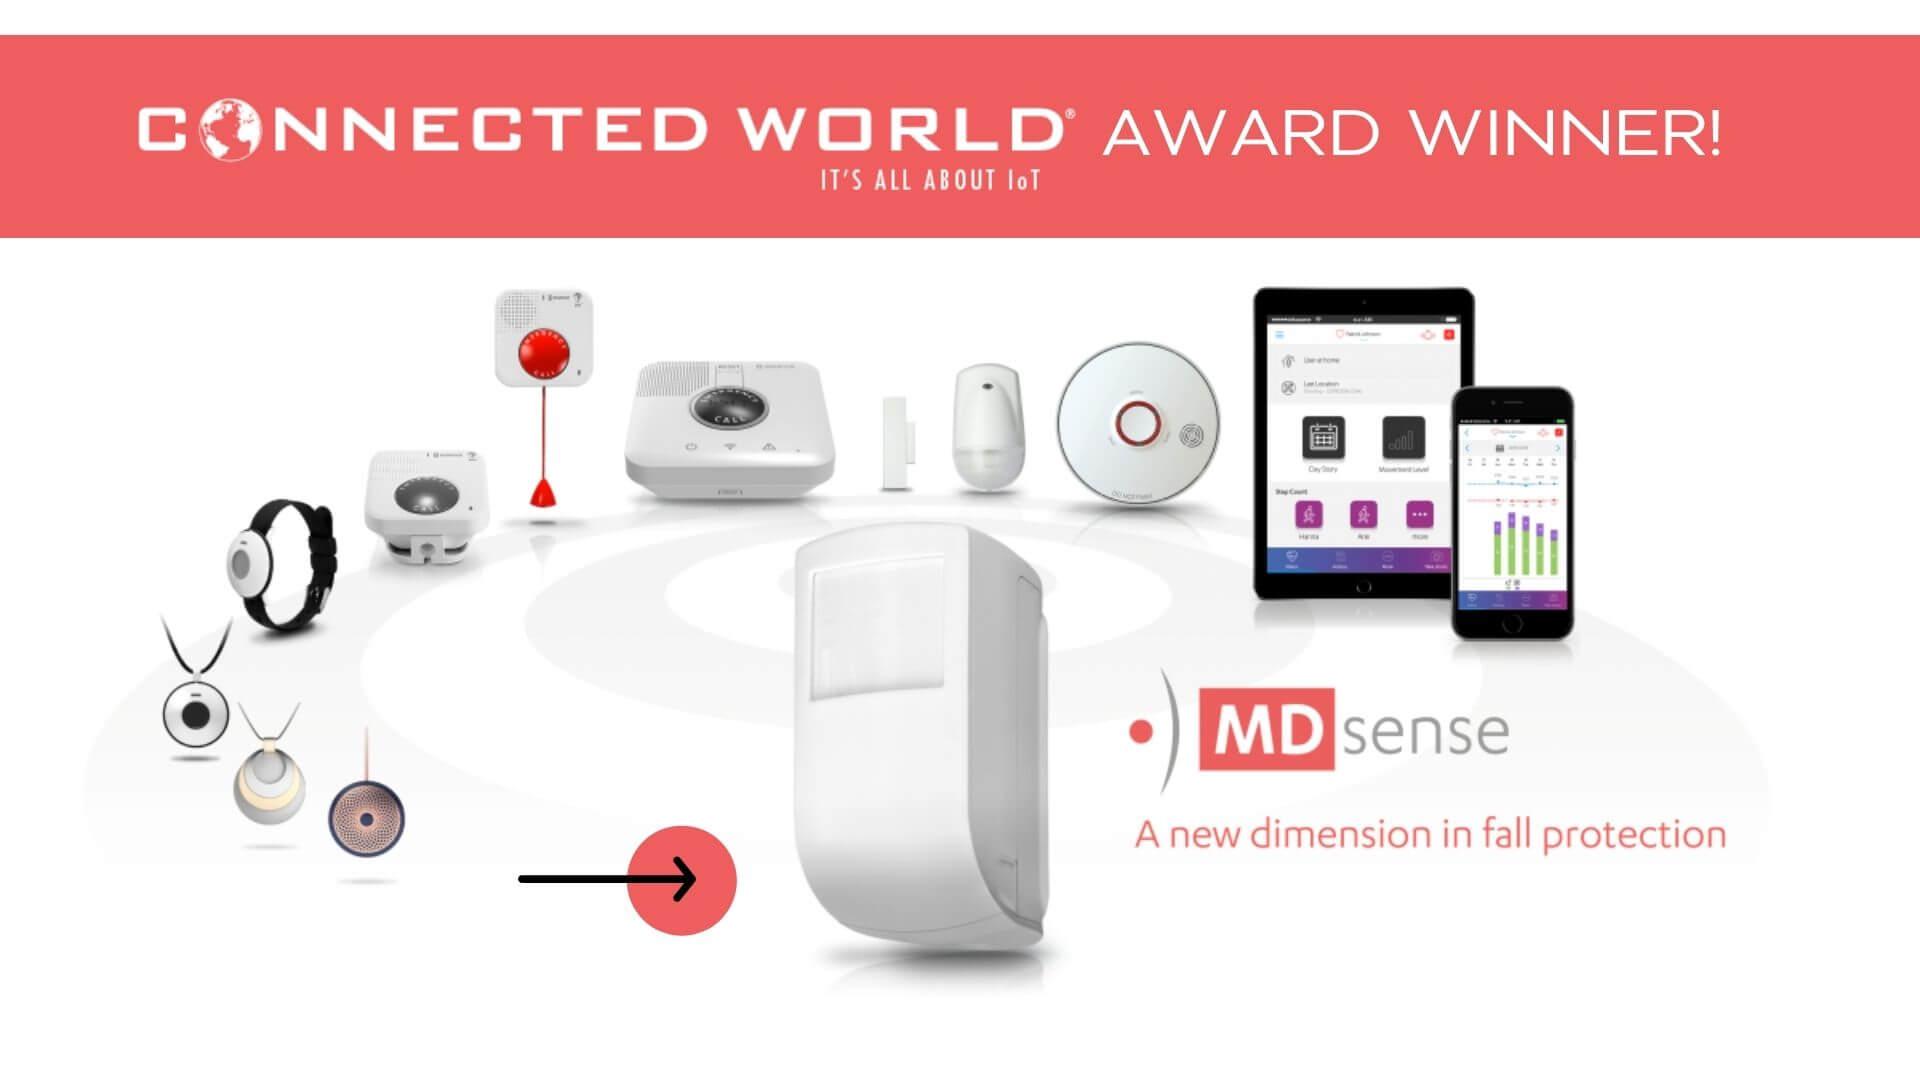 MDsense winner of IoT Innovations 2021